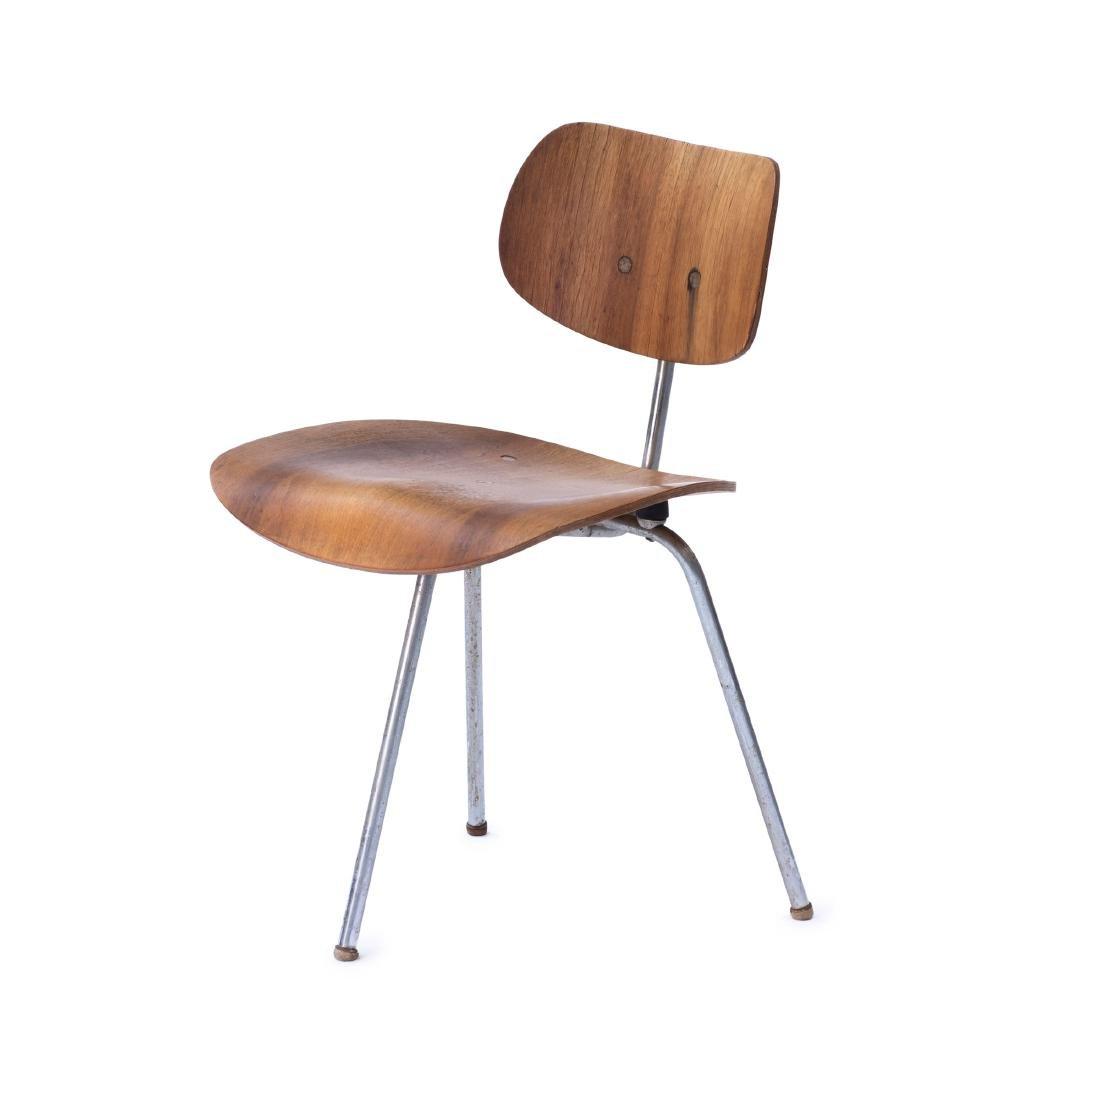 'SE 69' three-legged chair, 1952